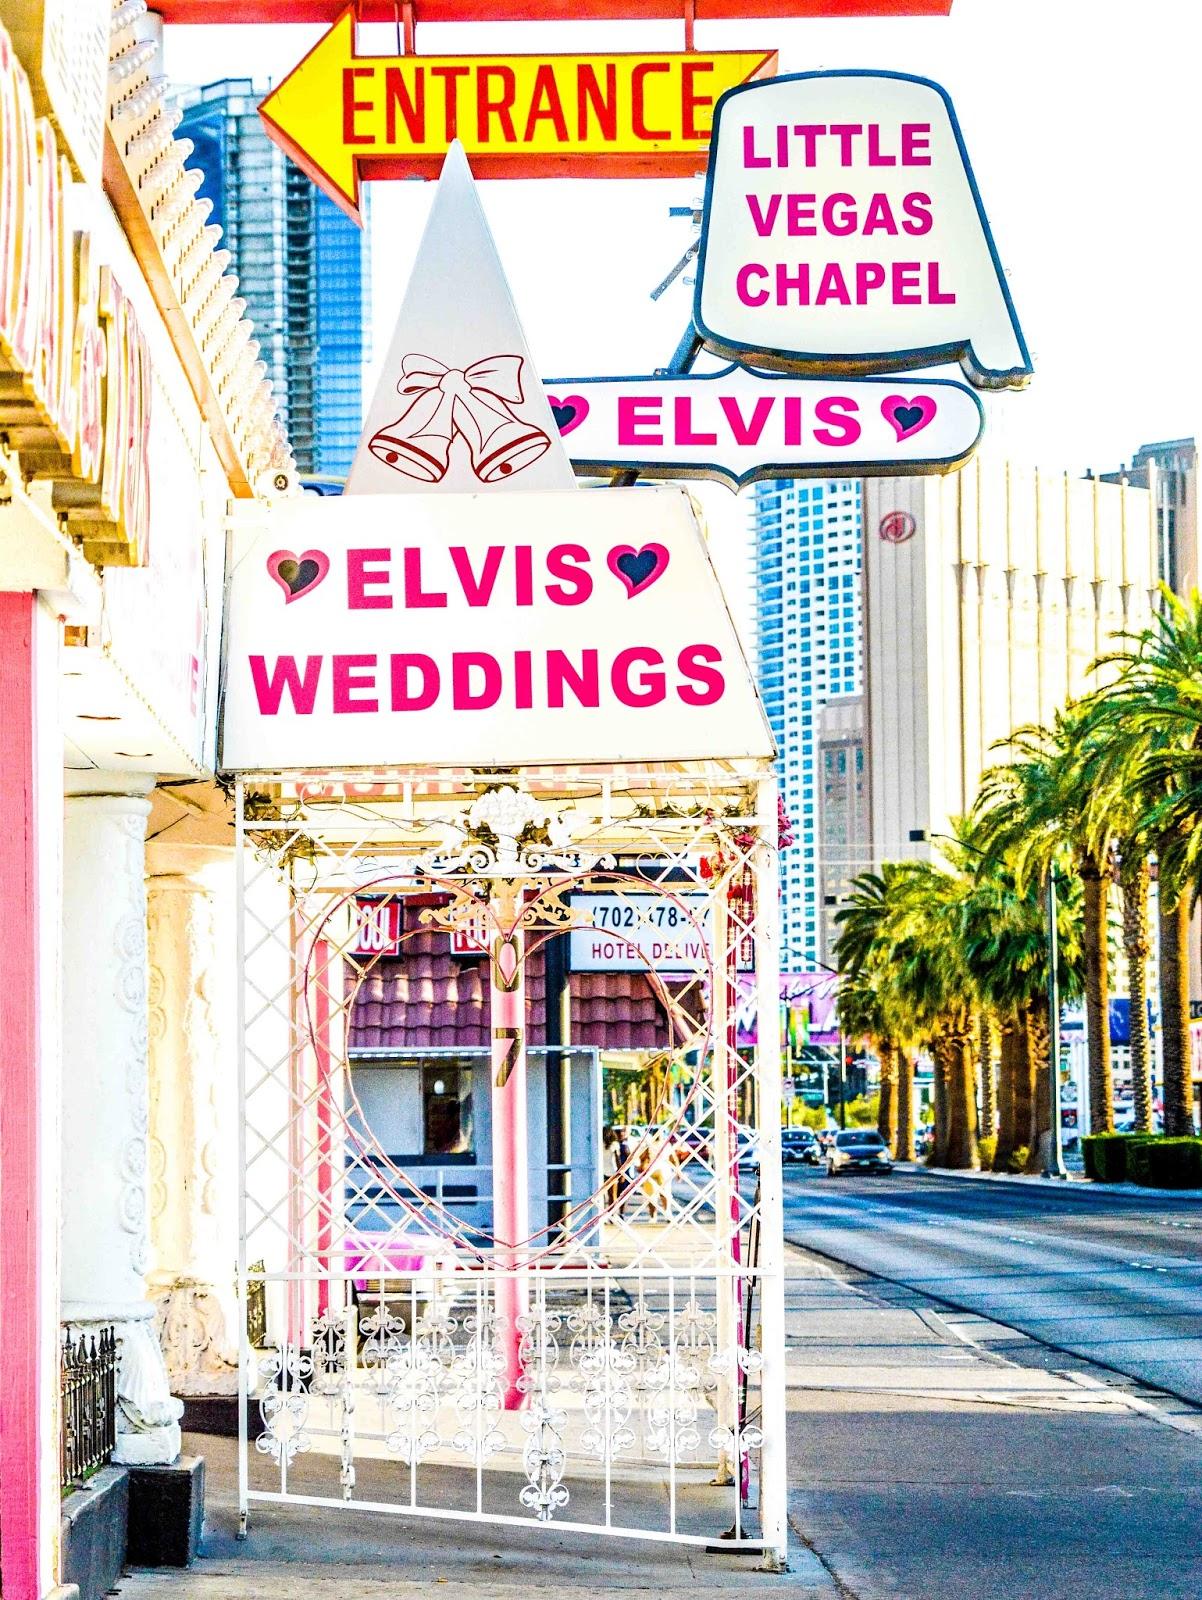 Elvis Weddings